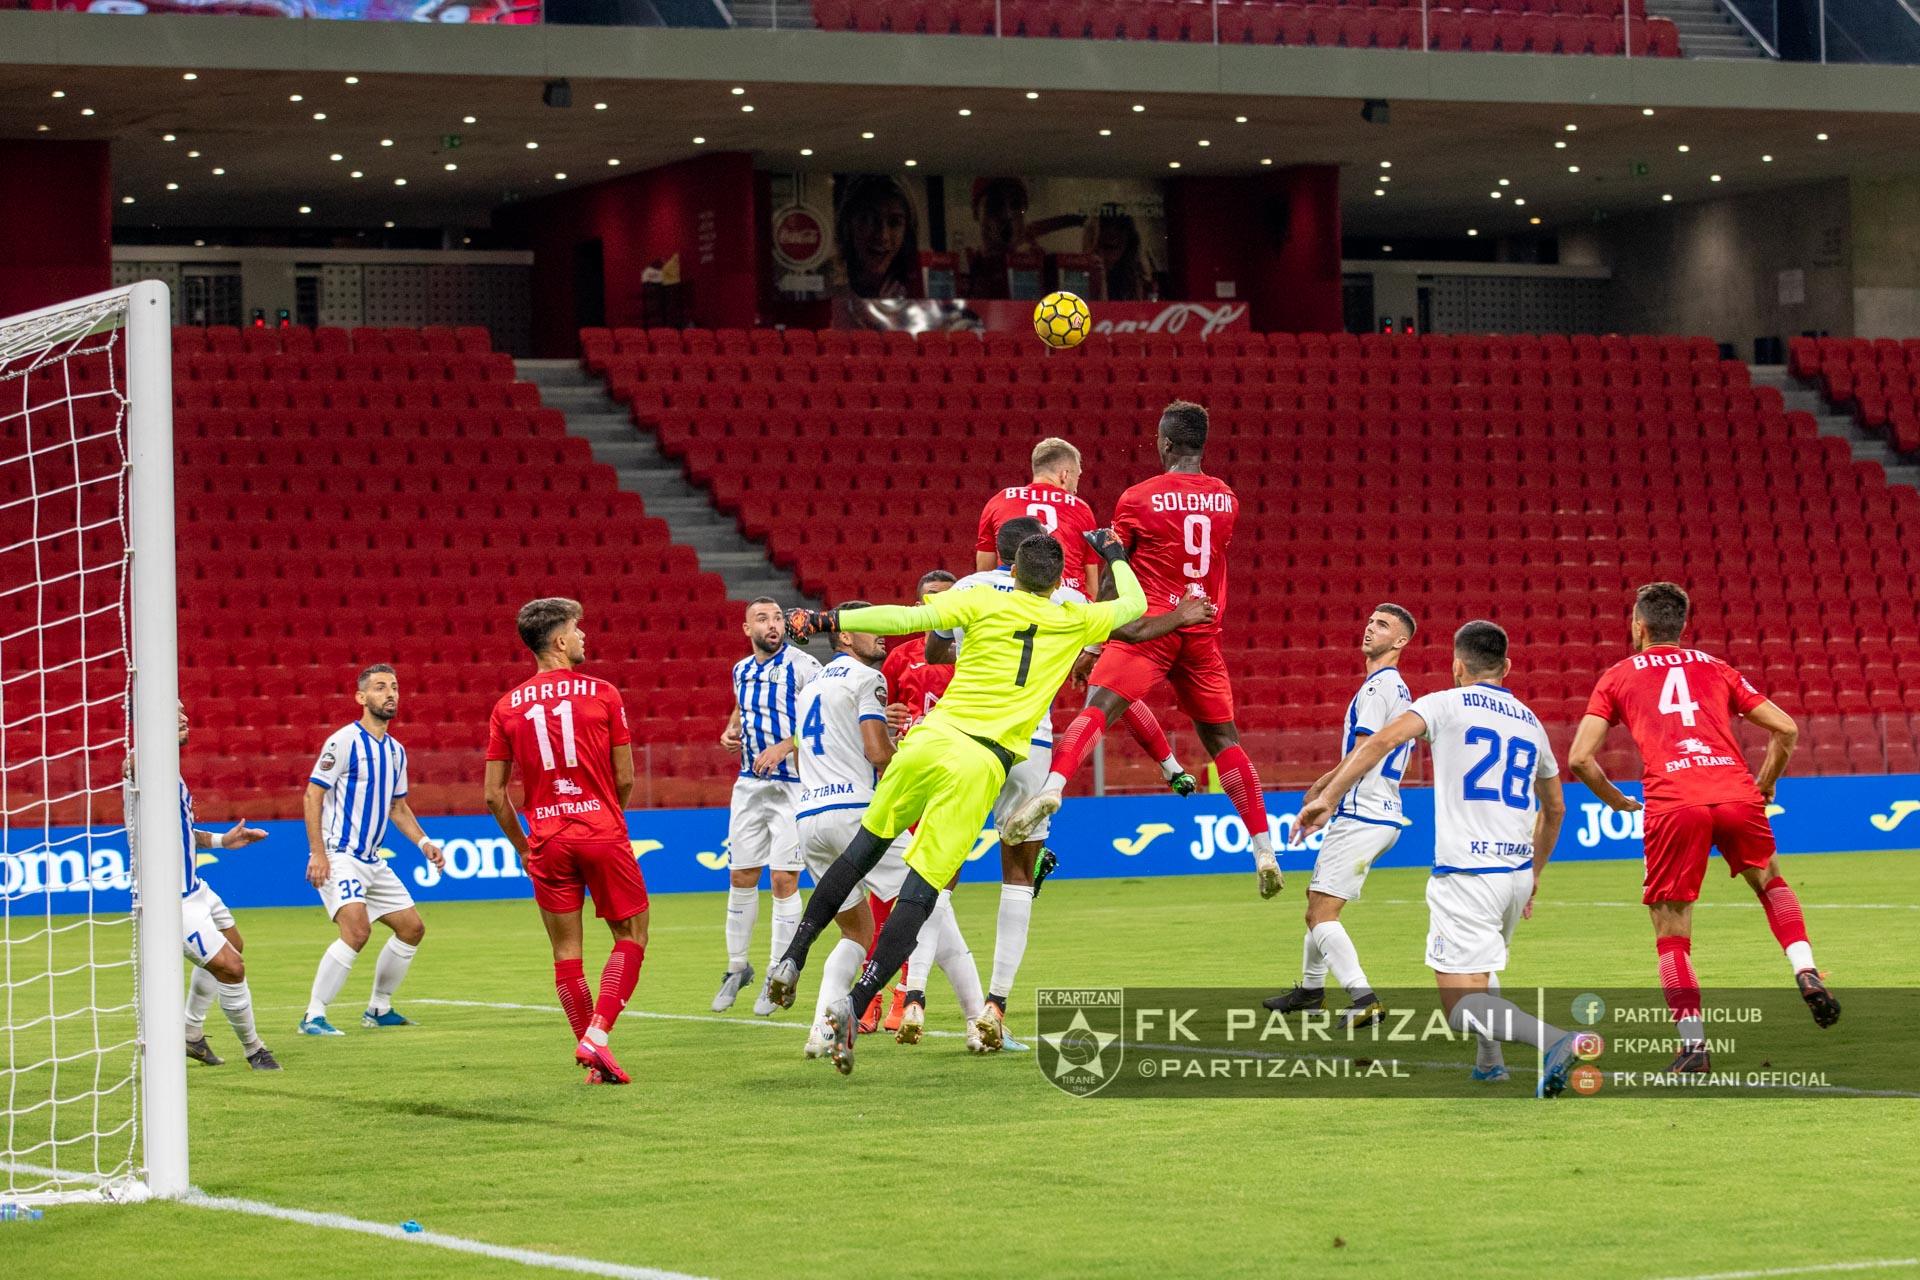 Partizani-Tirana 1-1